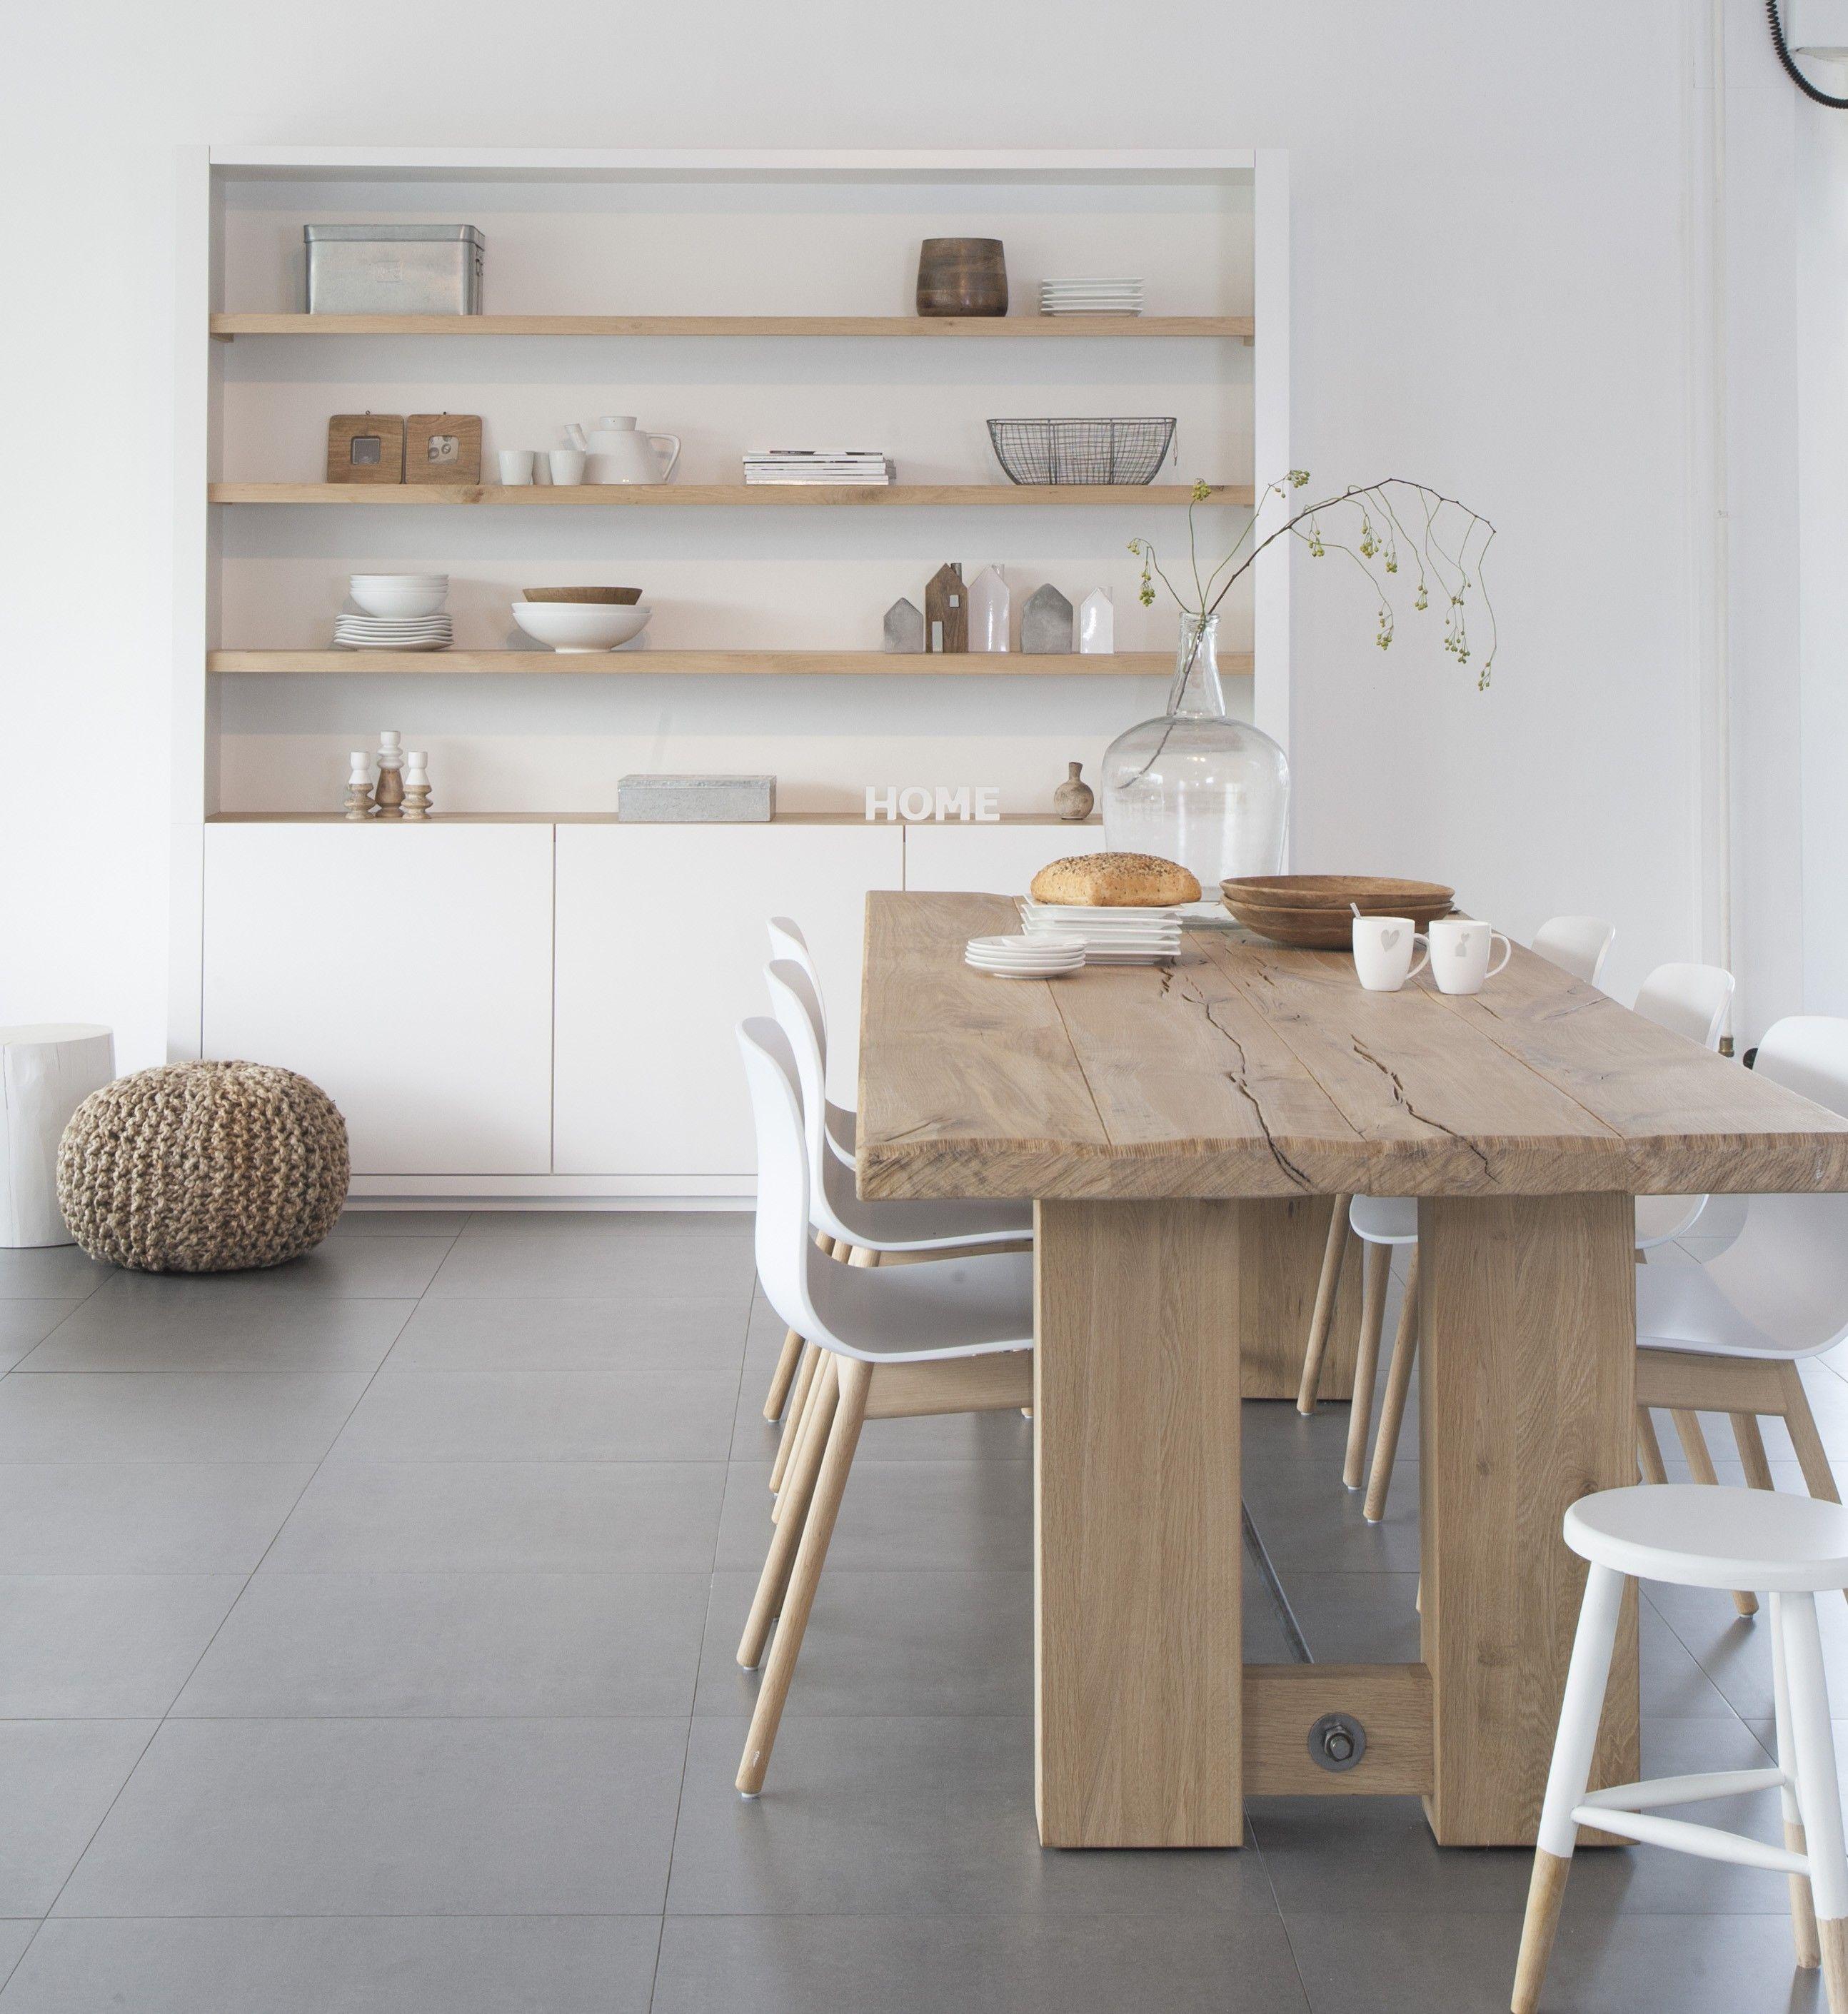 Inbouwkast in nis met houten planken en gesloten gedeelte